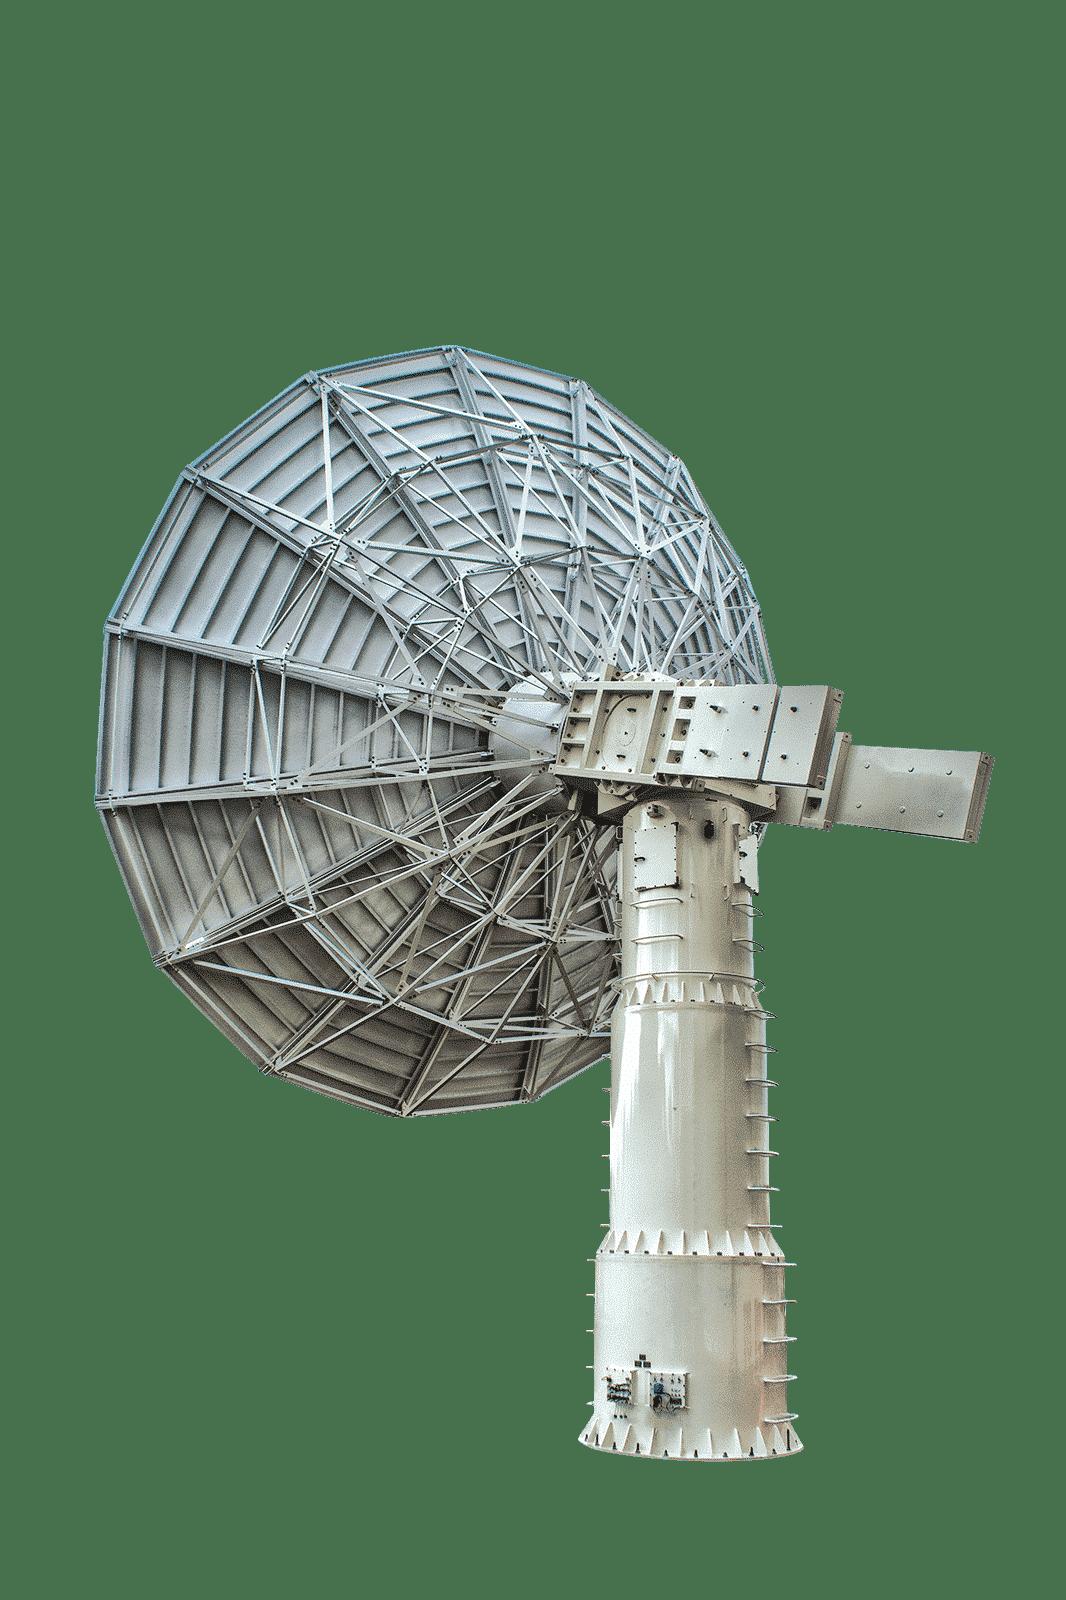 AL-4049-1D EL_AZ Antenna Positioner with dish